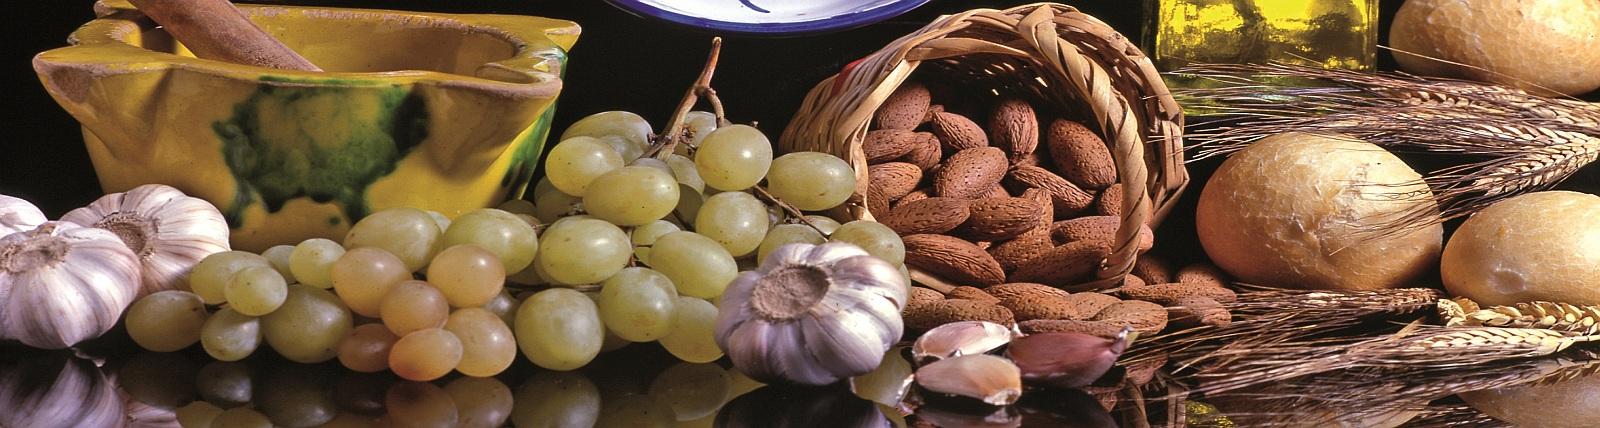 Ingredientes ajoblanco.